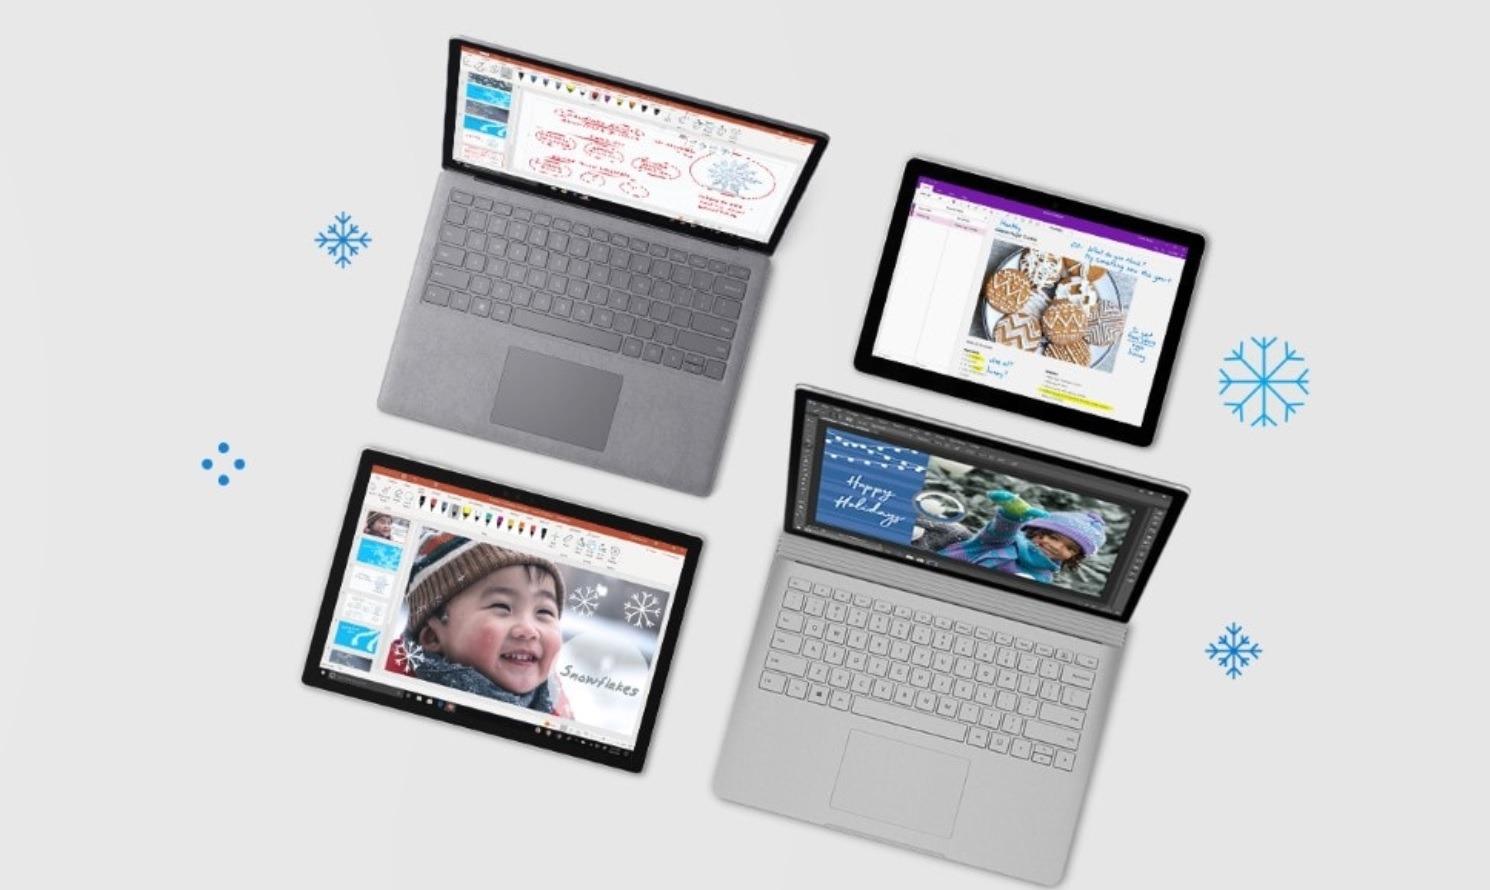 Aprovecha los descuentos  de hasta el 40% en la Microsoft Store